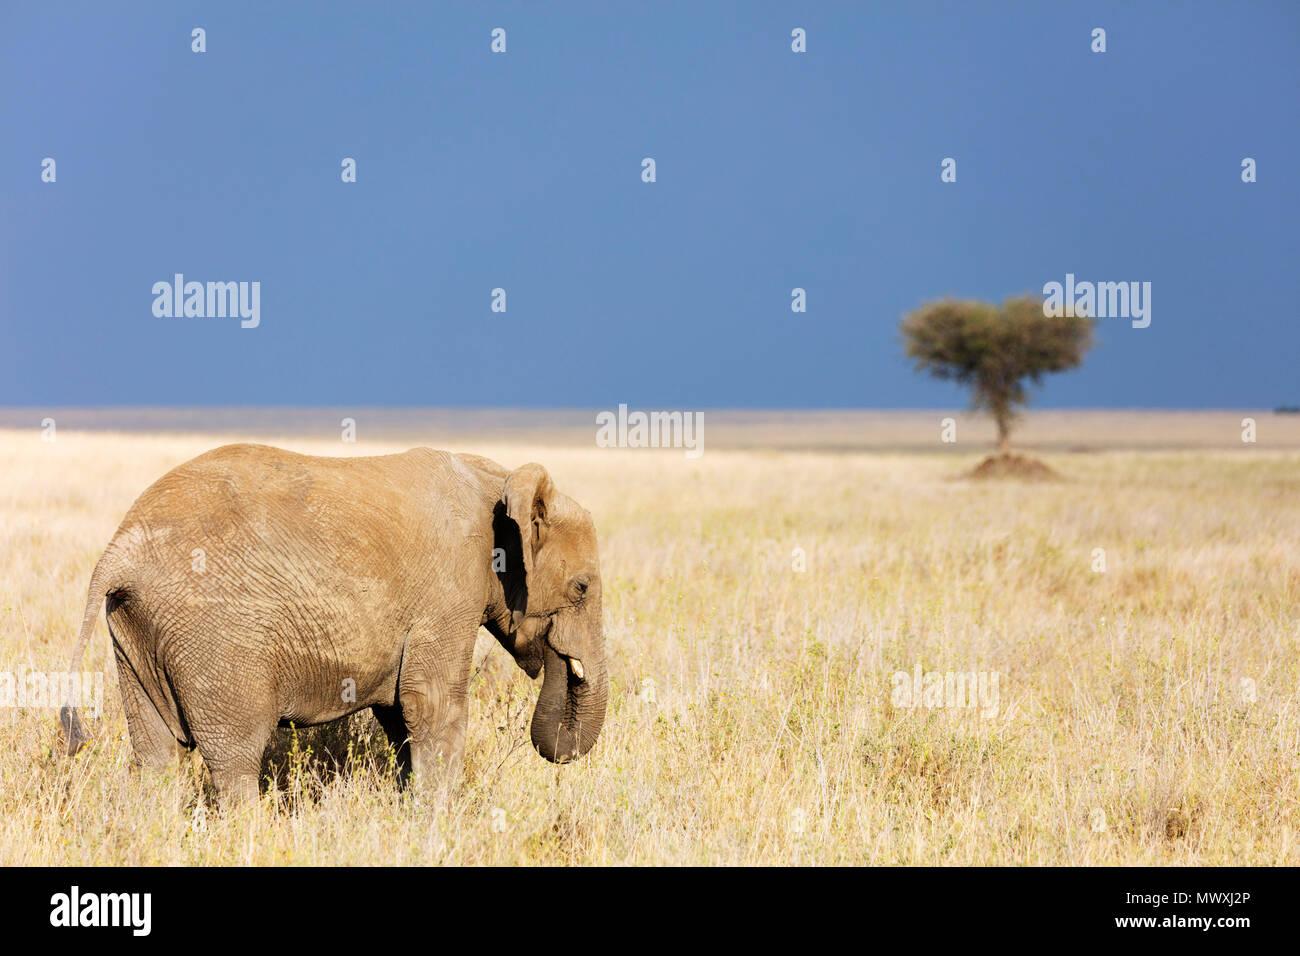 Elefante africano (Loxodonta africana), el Parque nacional Serengeti, Sitio del Patrimonio Mundial de la UNESCO, Tanzania, África oriental, África Imagen De Stock